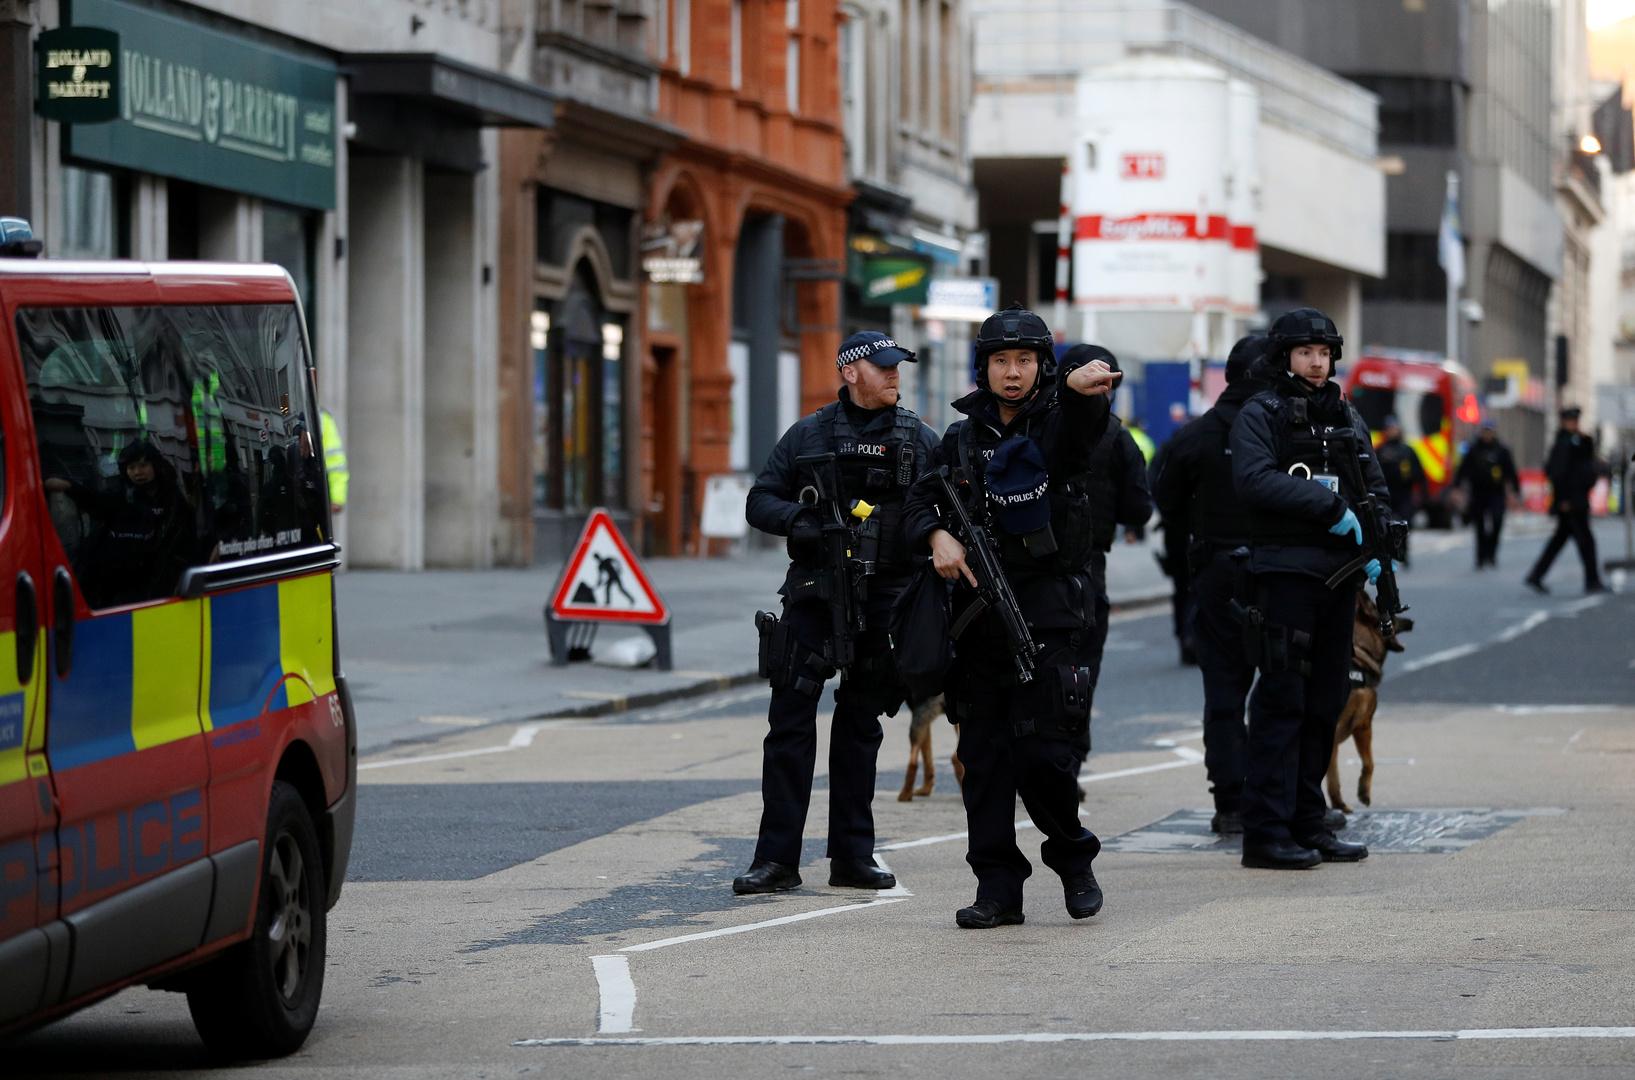 داعش  يعلن مسؤوليته عن الهجوم في جسر لندن -